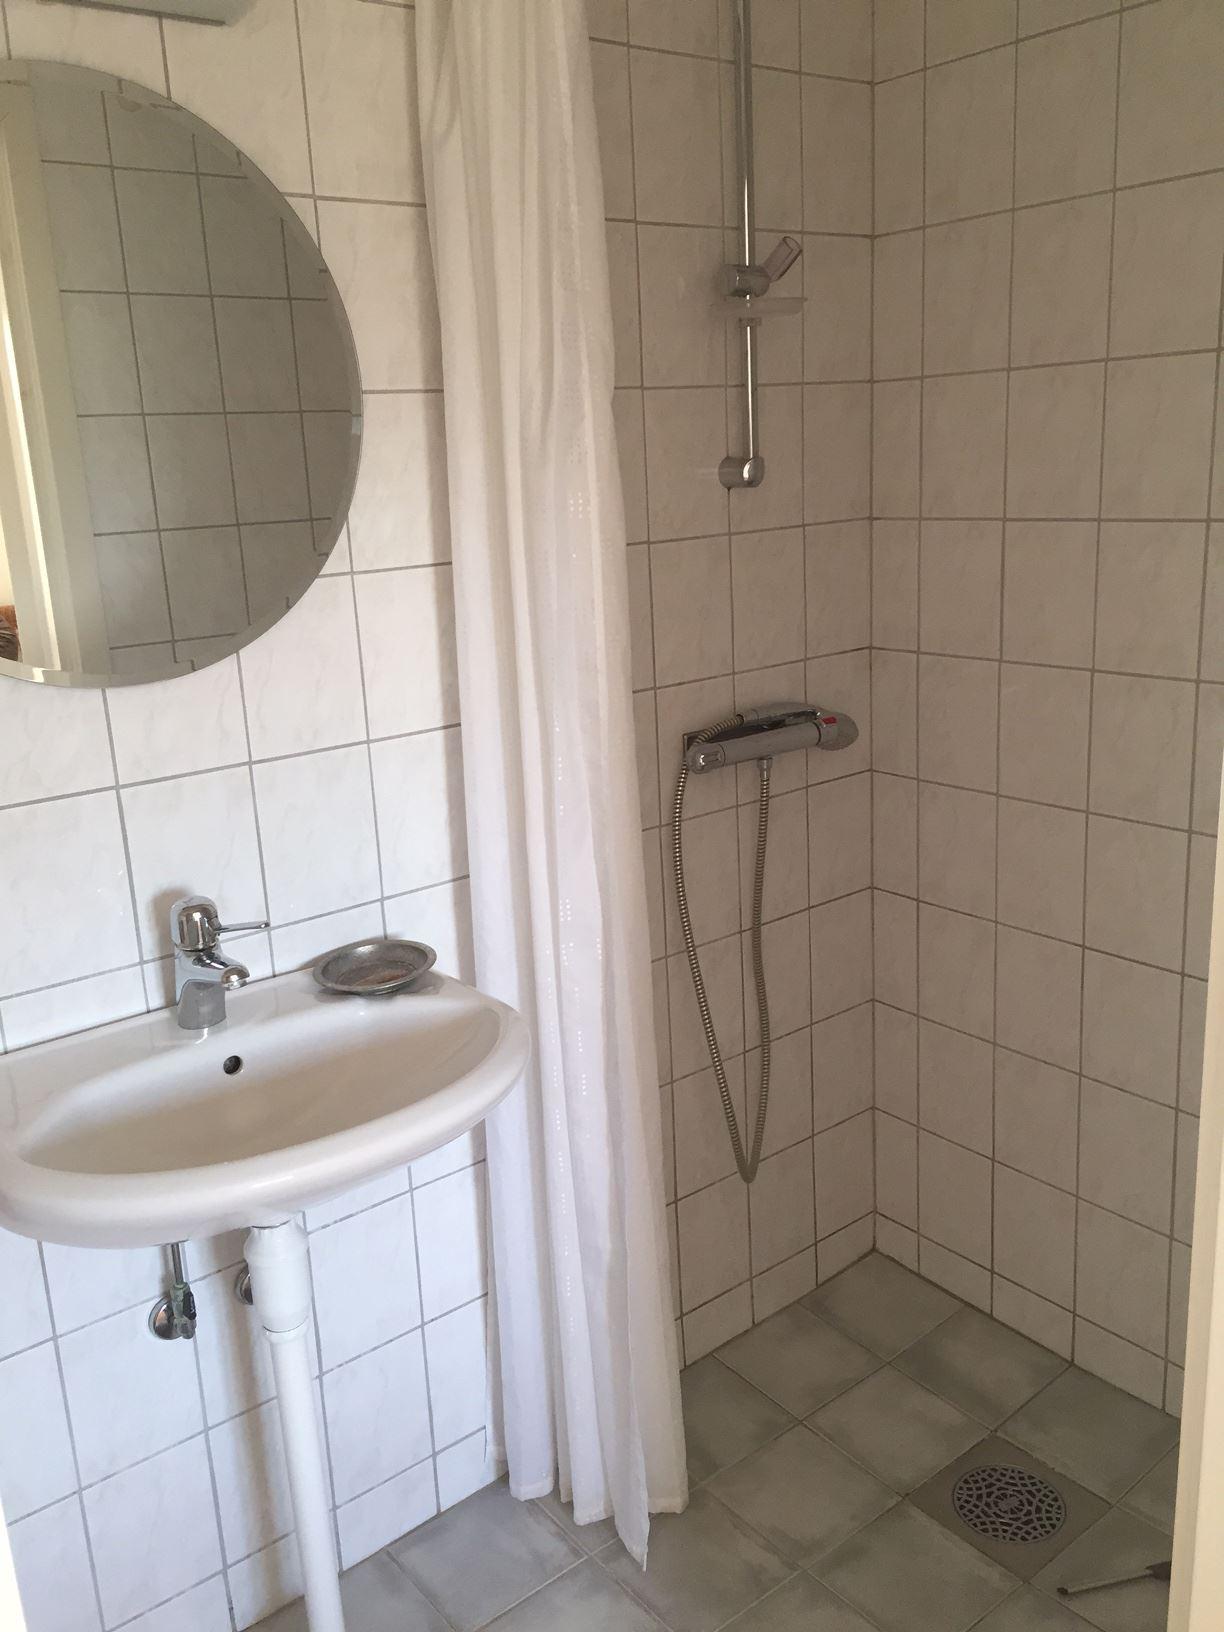 Lägenhet - Kristianstad/Vä (Camilla Granath)